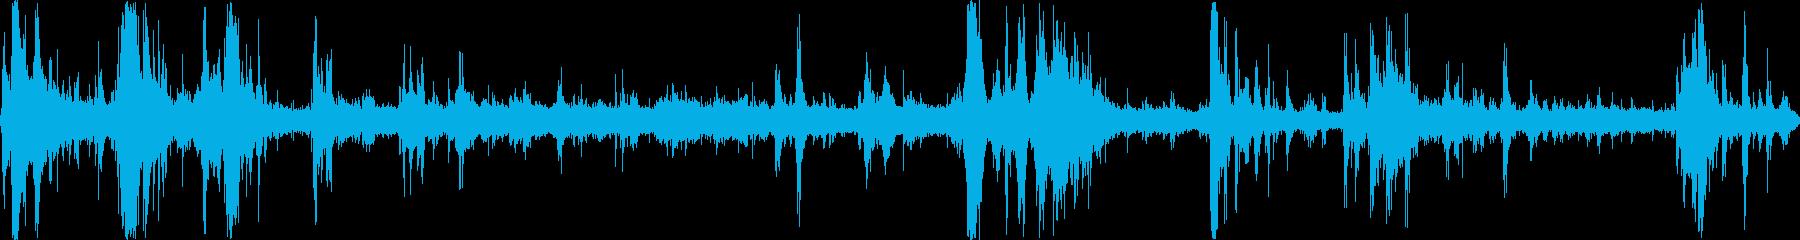 雷雨(環境音)の再生済みの波形